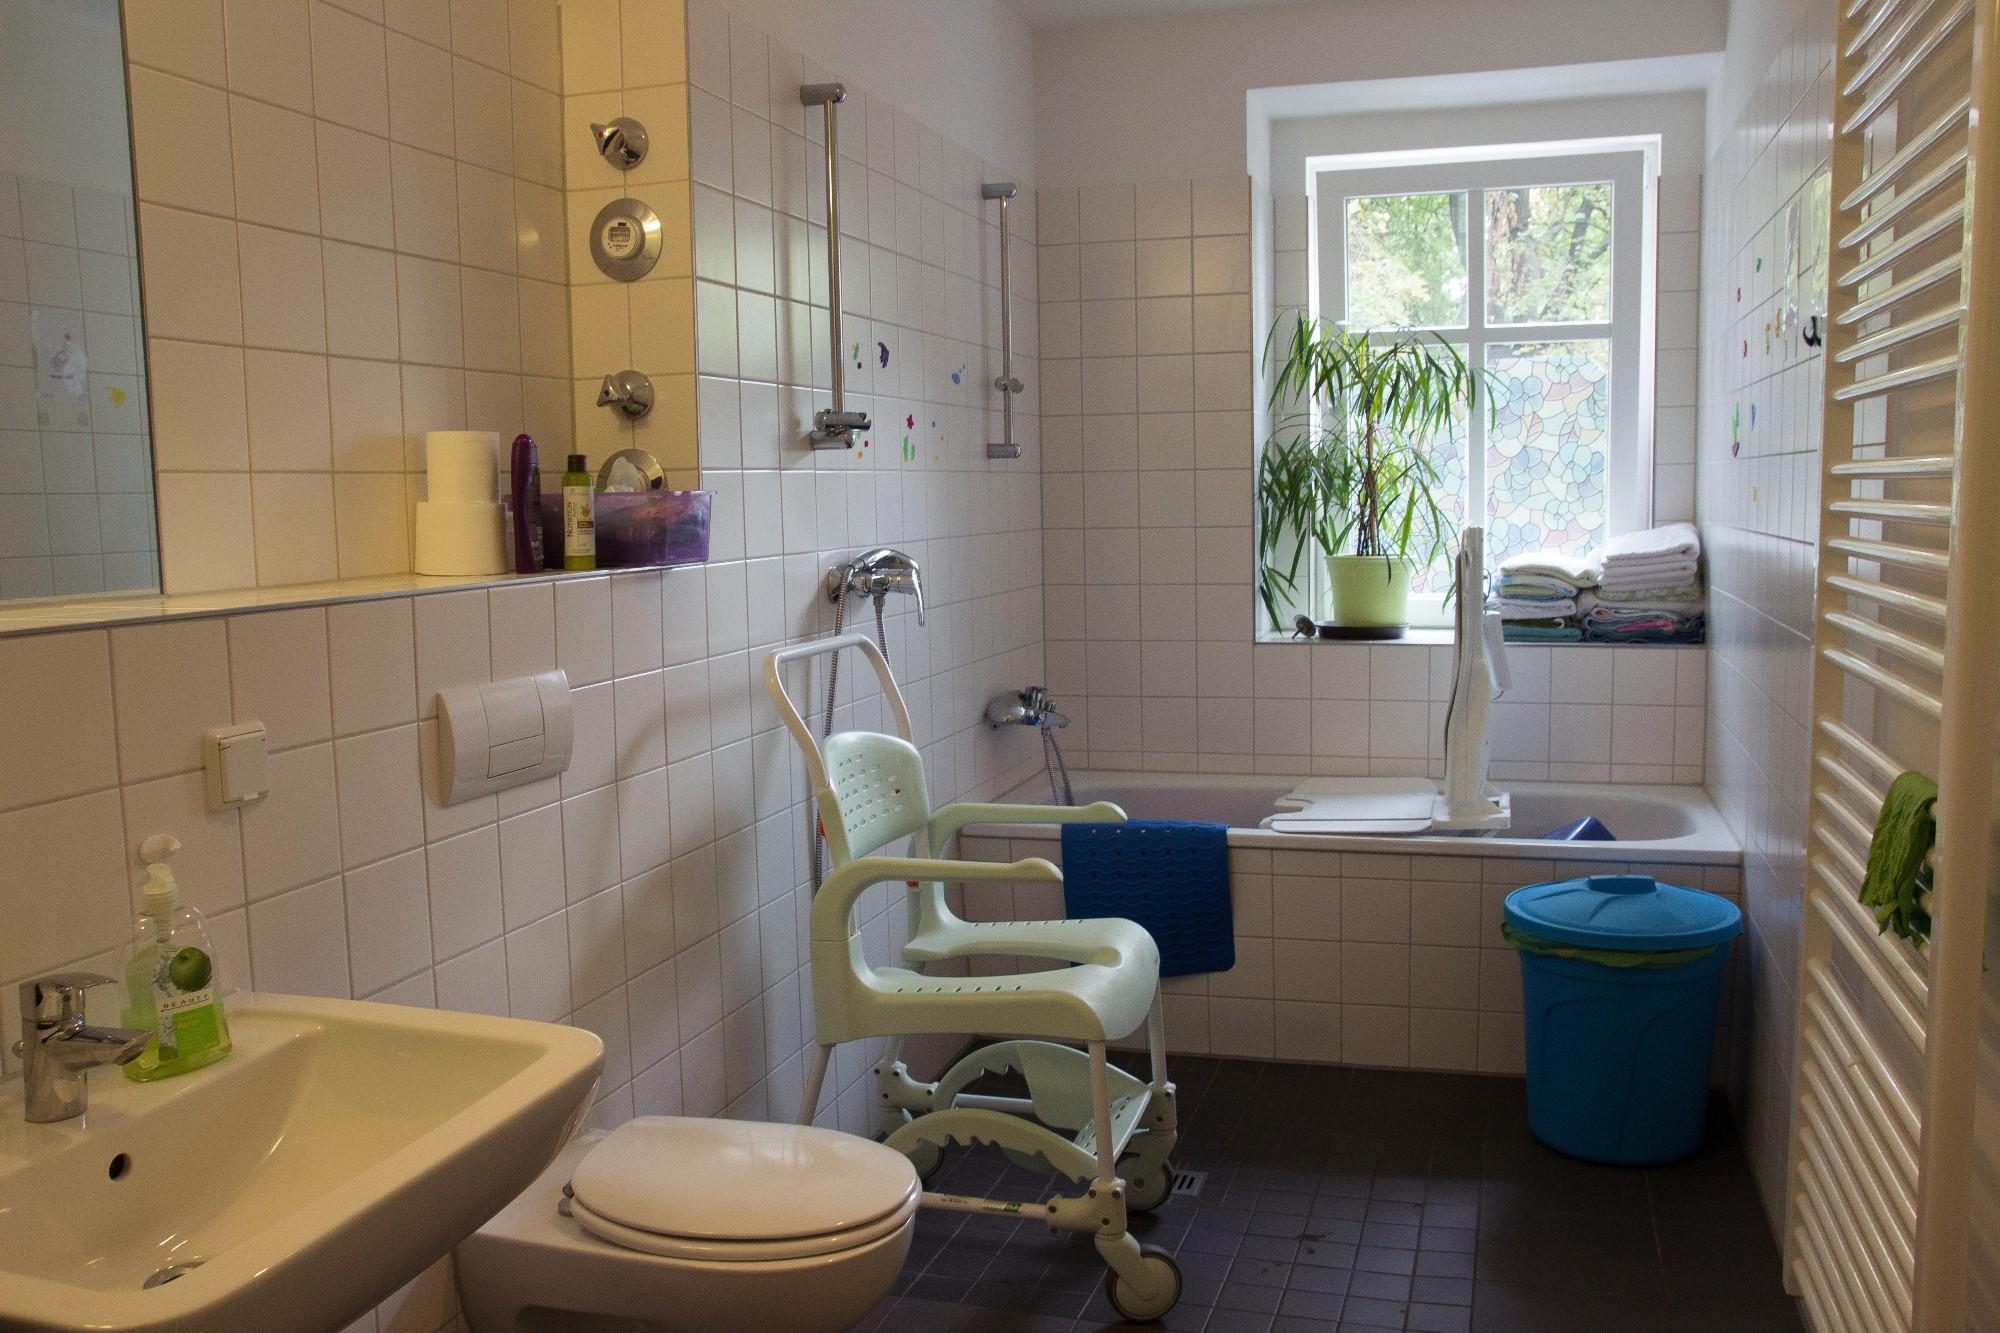 senioren wohngemeinschaft im prenzlauer berg 24 stunden. Black Bedroom Furniture Sets. Home Design Ideas